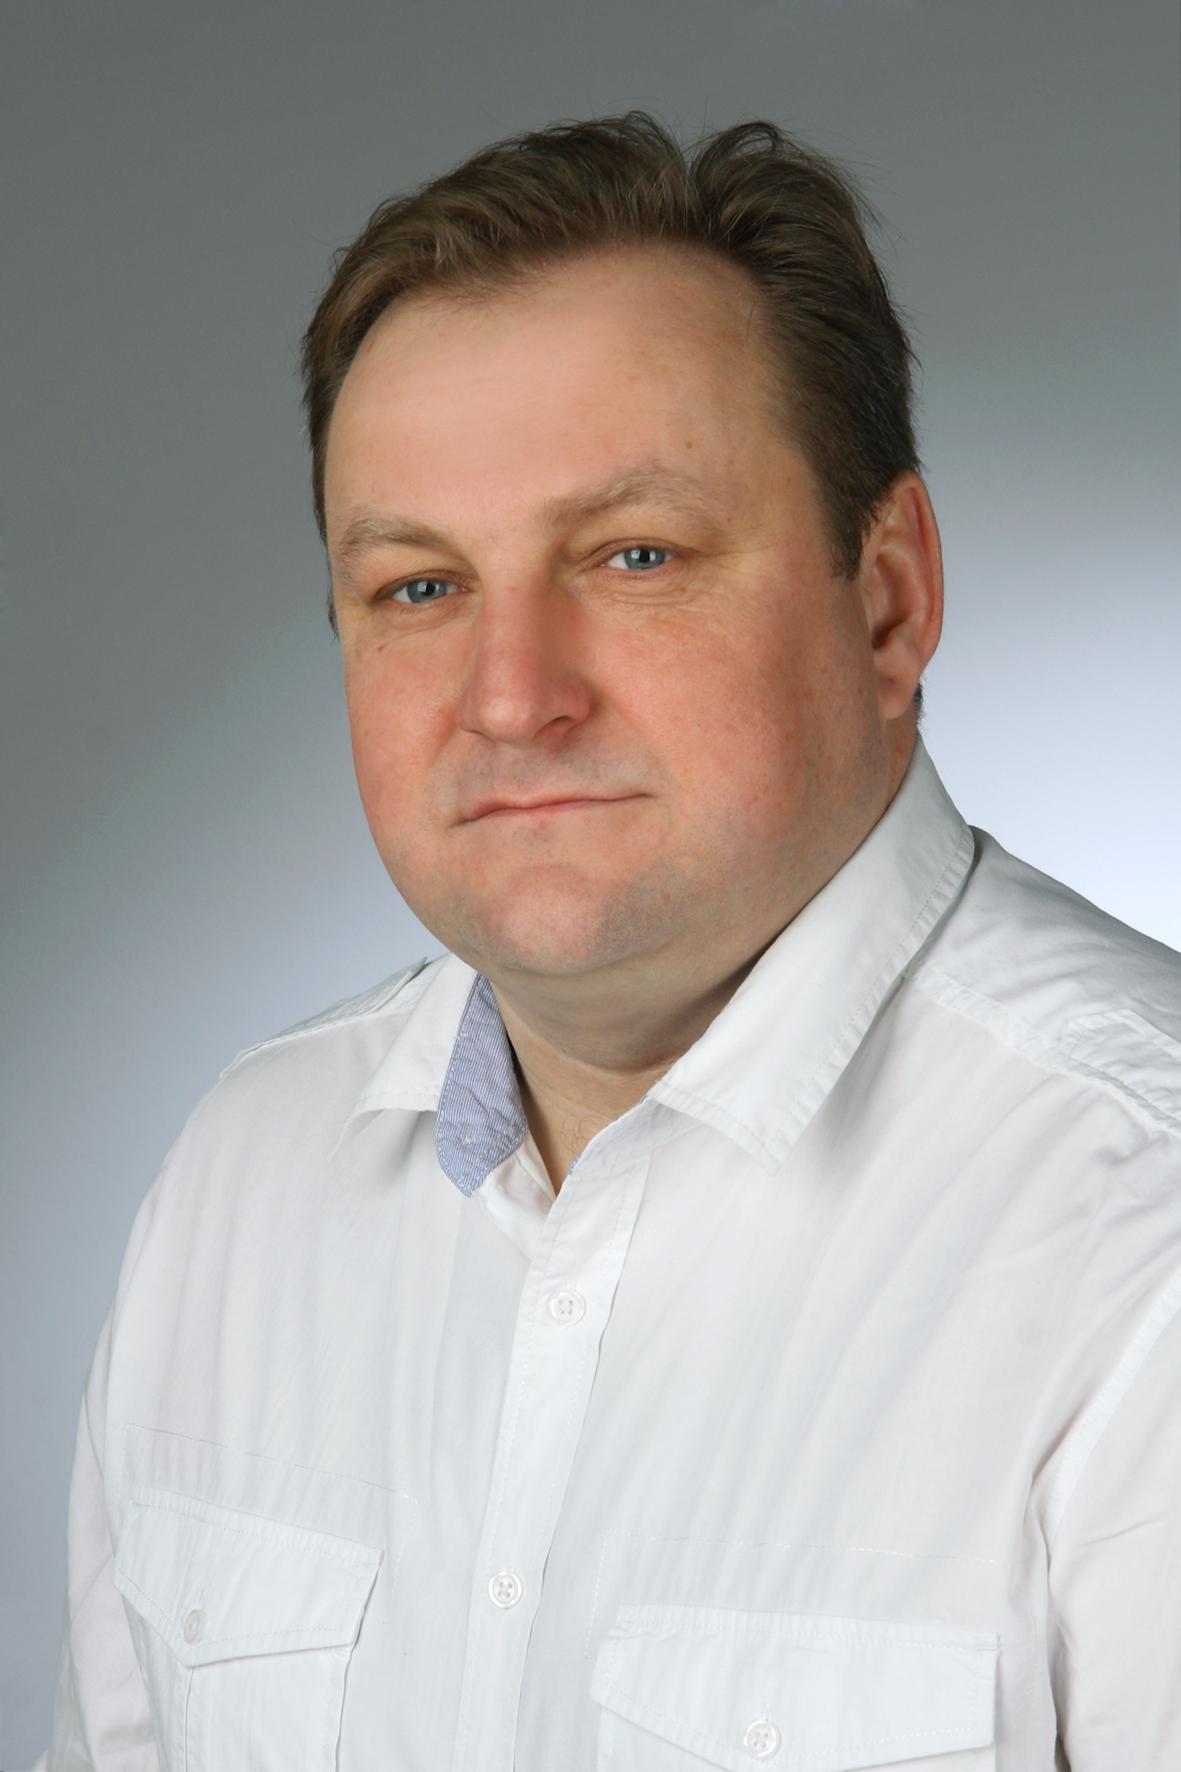 Tomasz Waleczek